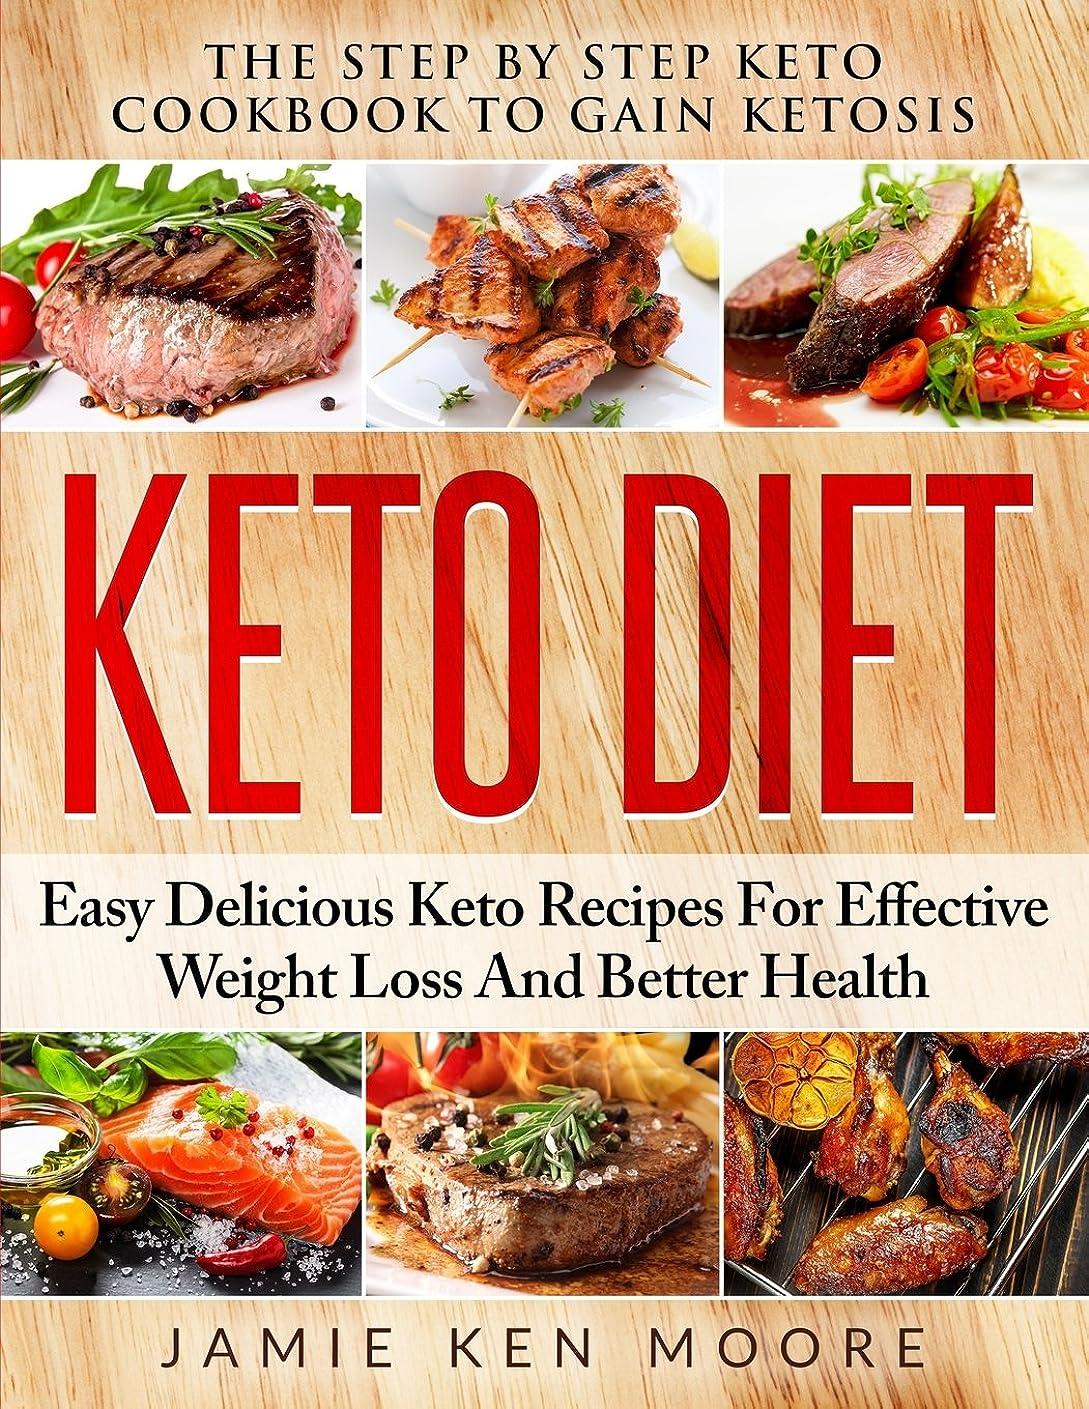 謎めいたゲートウェイ性能Keto Diet: The Step By Step Keto Cookbook To Gain Ketosis: Keto Diet: Easy Delicious Keto Recipes For Effective Weight Loss And Better Health